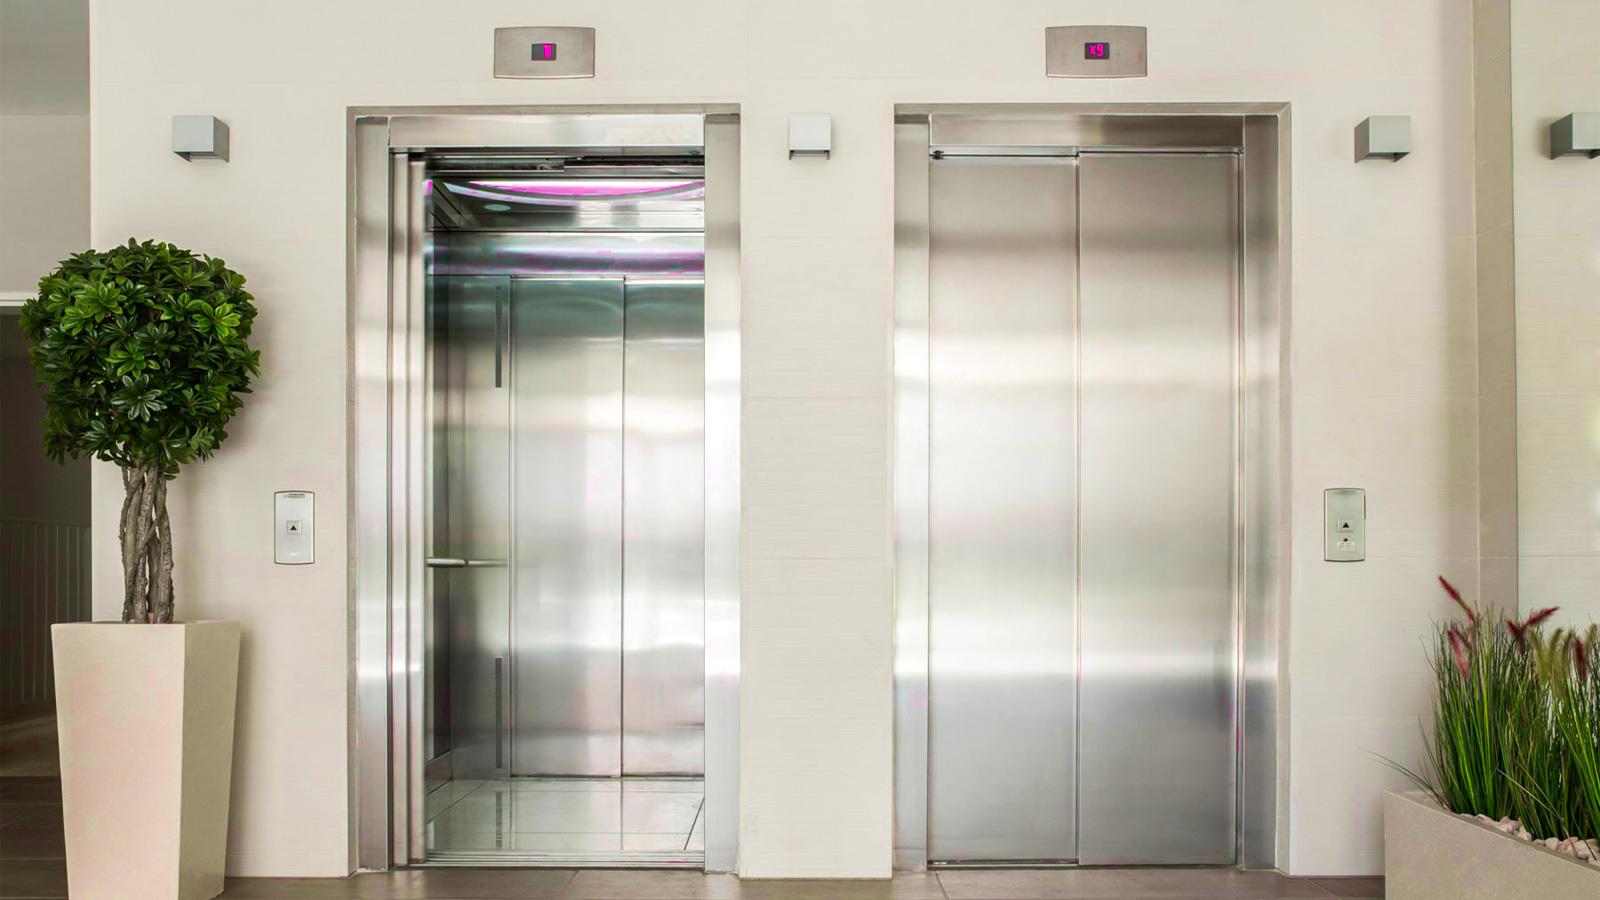 حاضرم بمیرم ولی توی این آسانسور نرم! +عکس